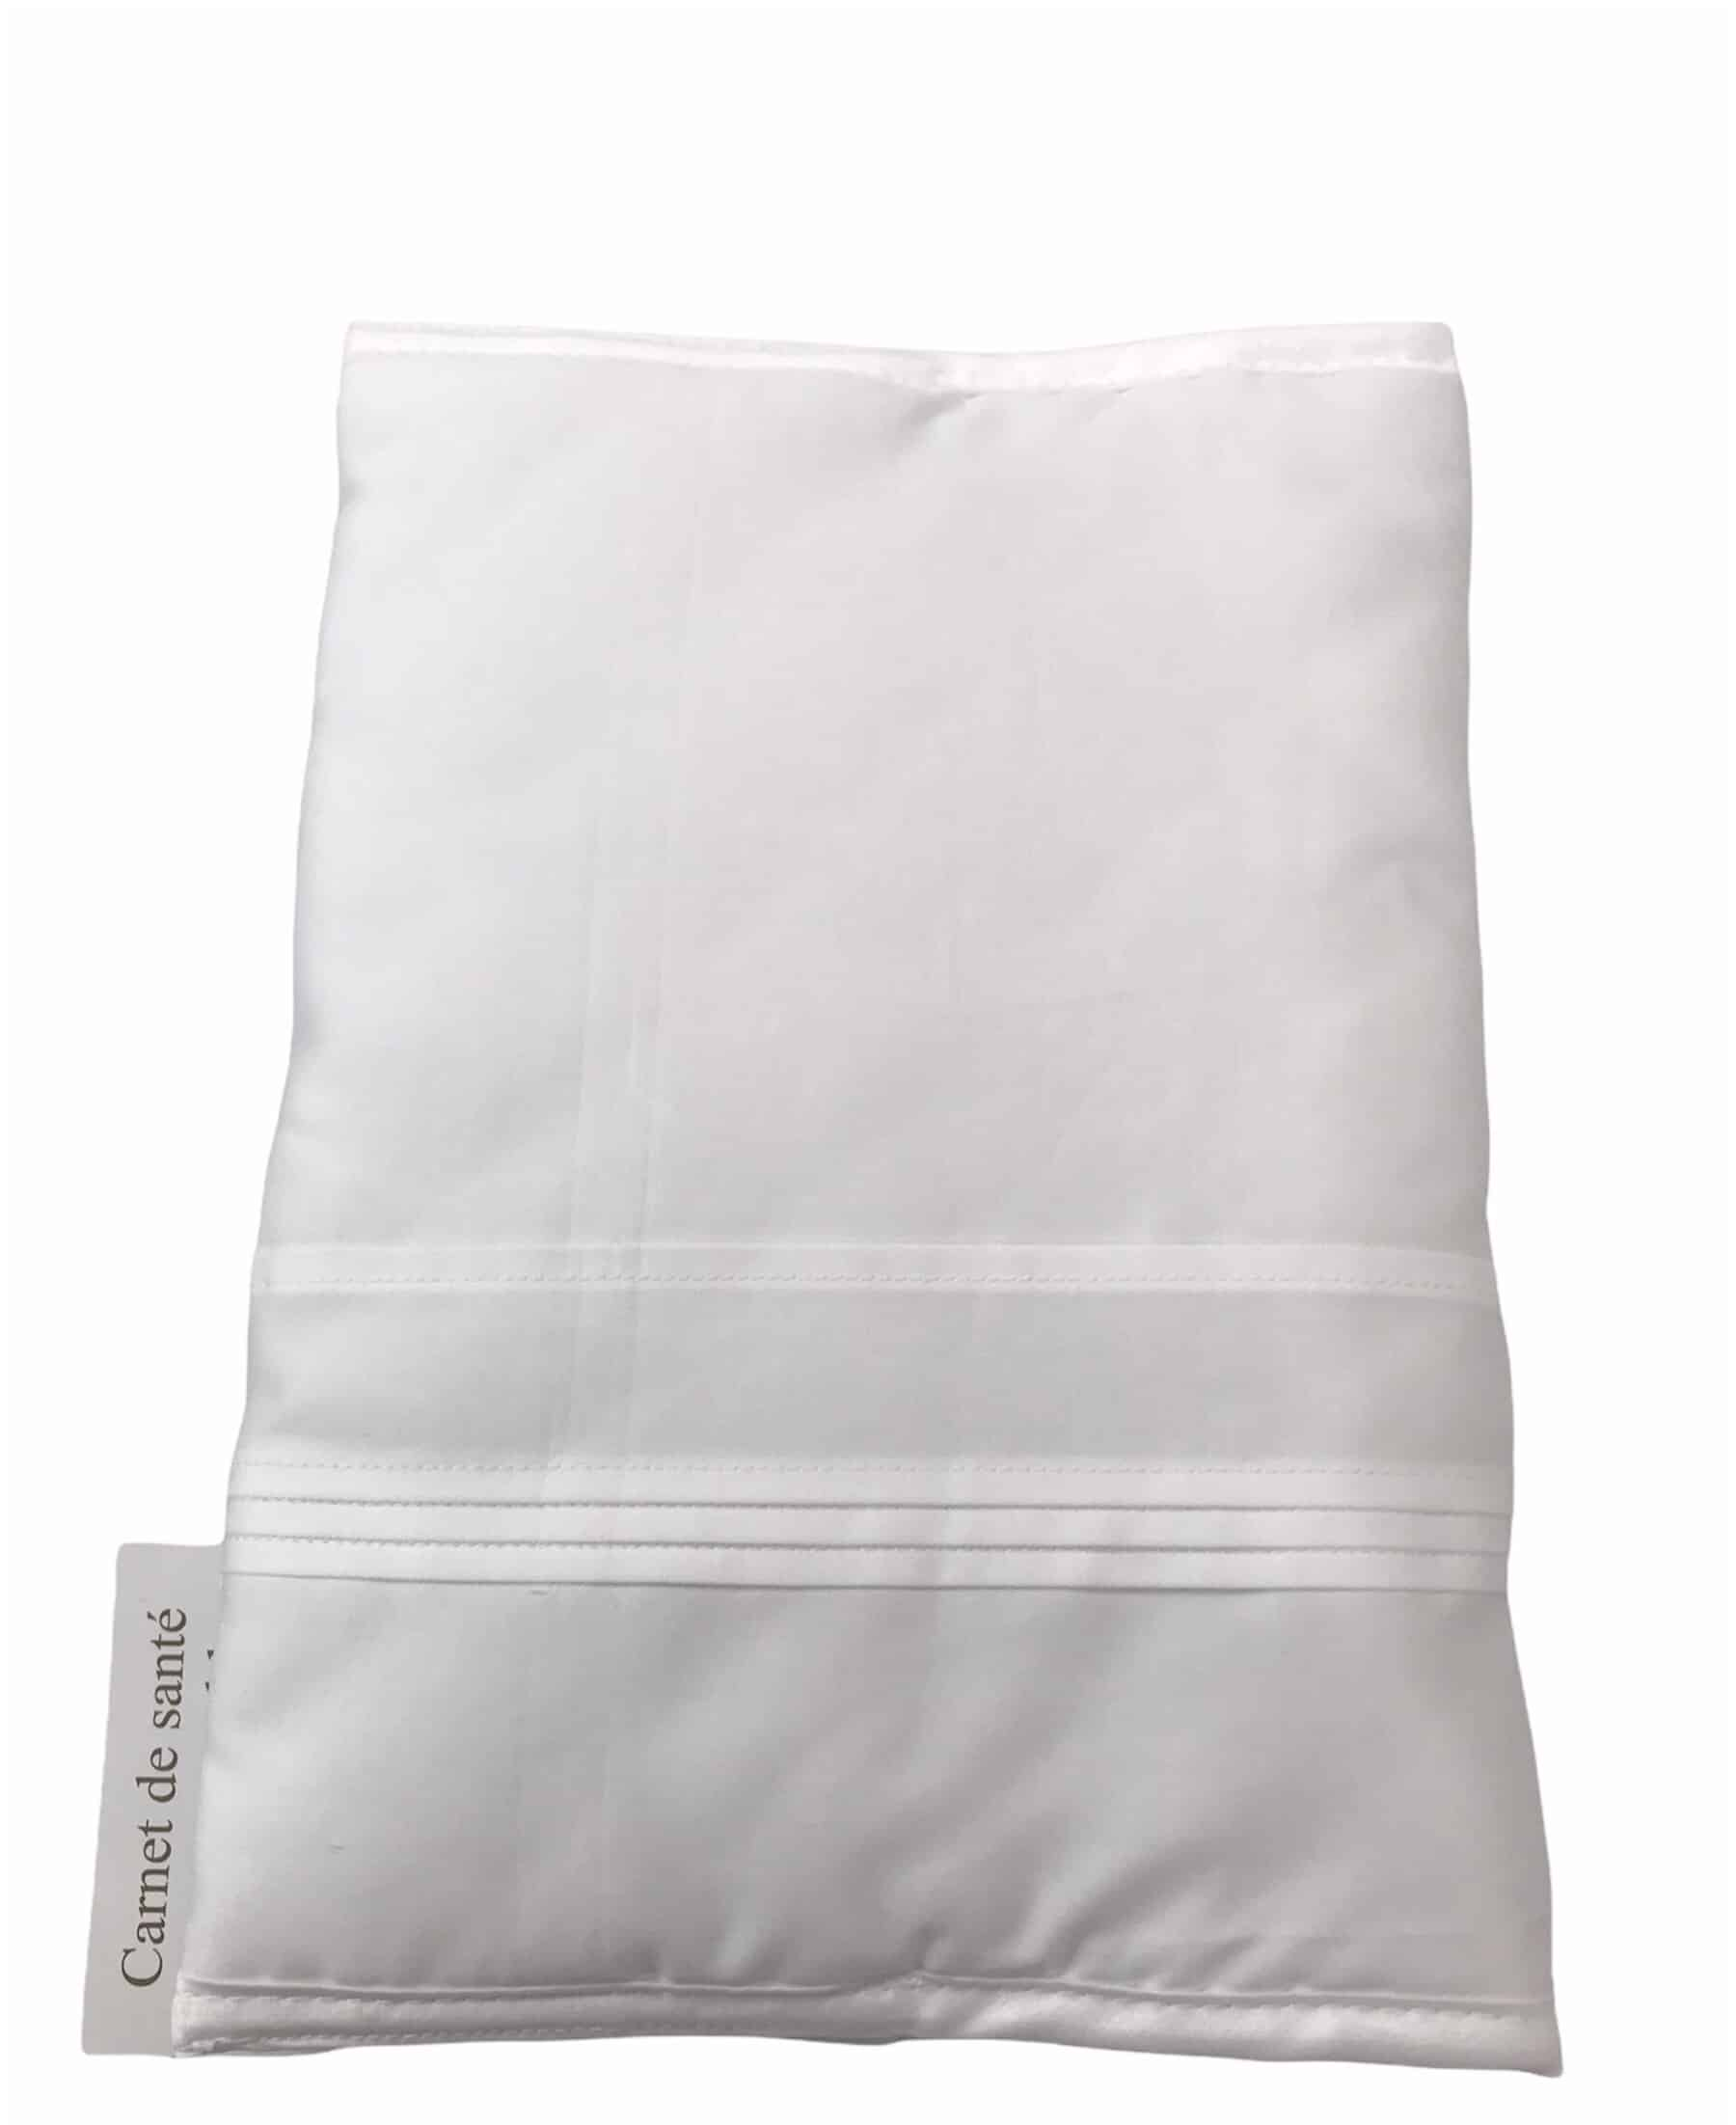 Protège Carnet de Santé Pure Tissu 5